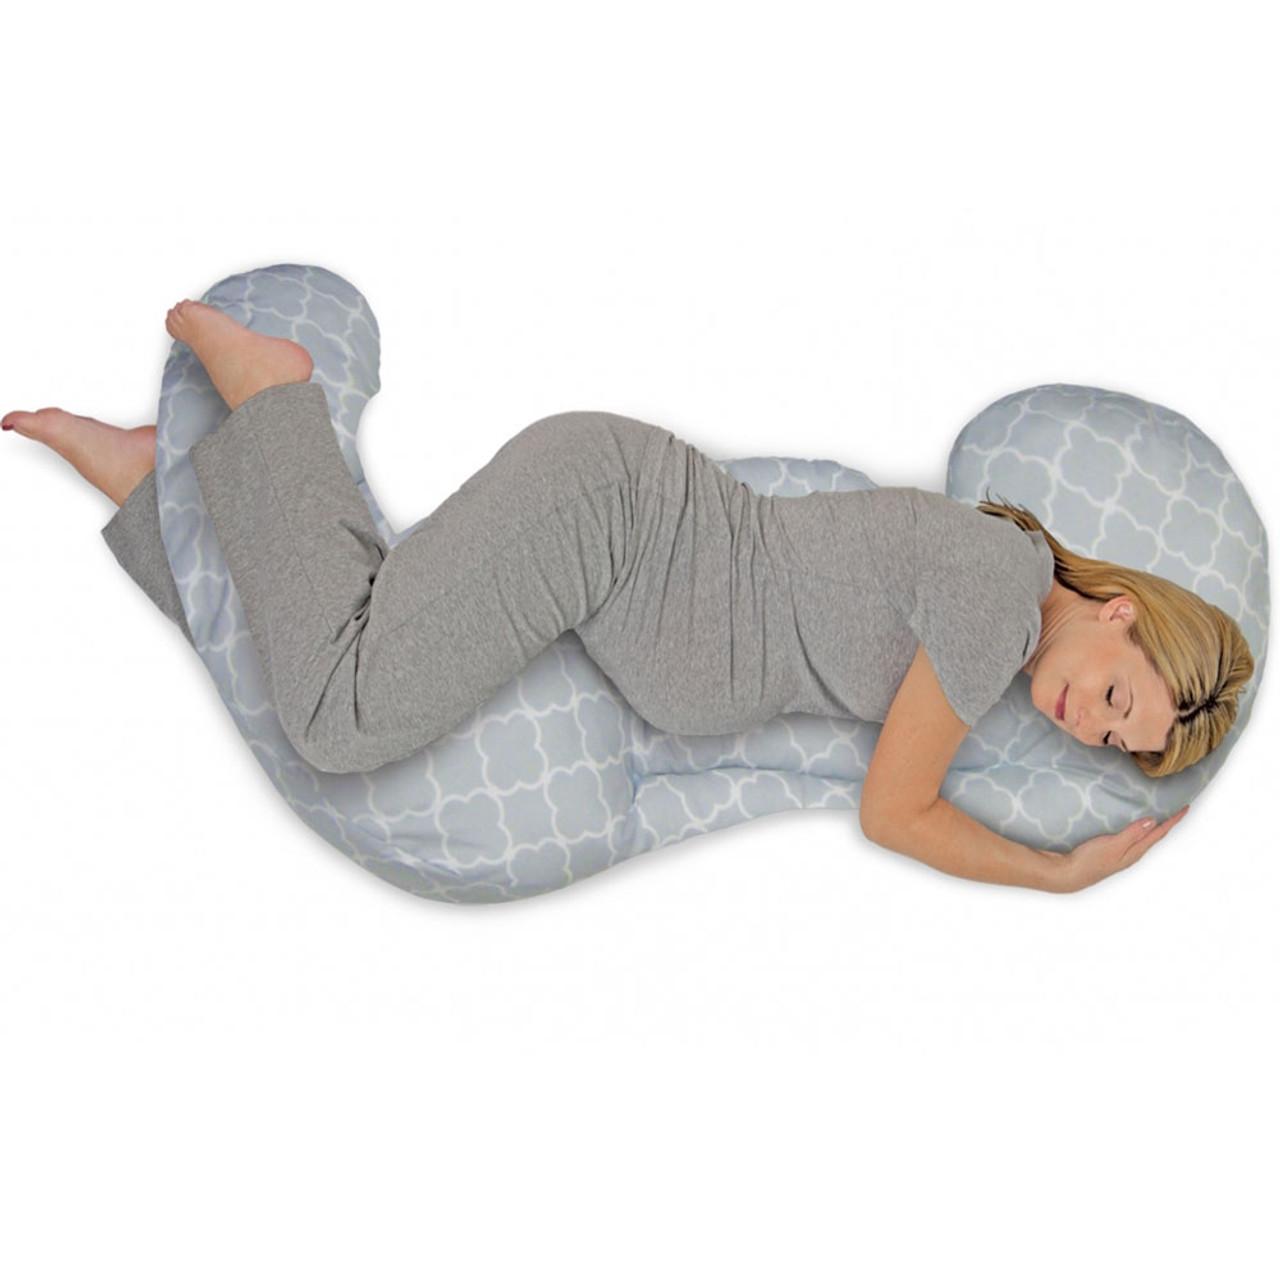 Boppy Custom Fit Total Body Pregnancy Pillow Pregnancyandbaby Ie